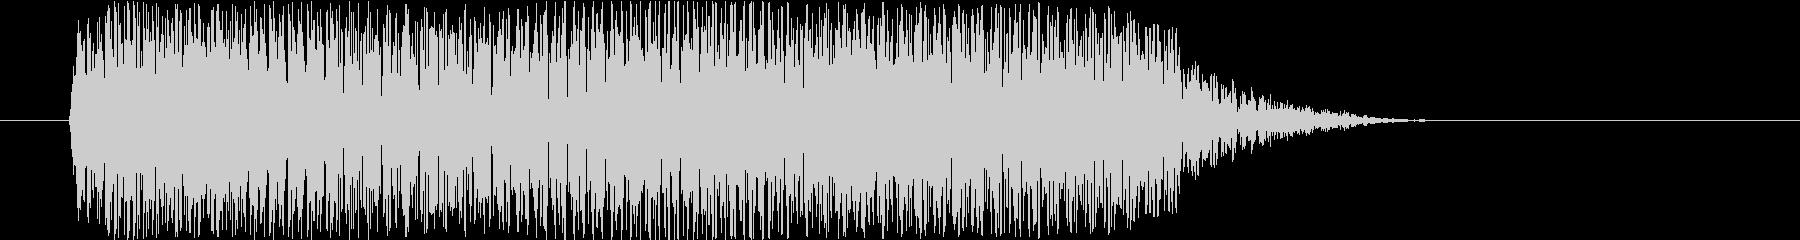 打撃 シンセトレーラーヒット04の未再生の波形